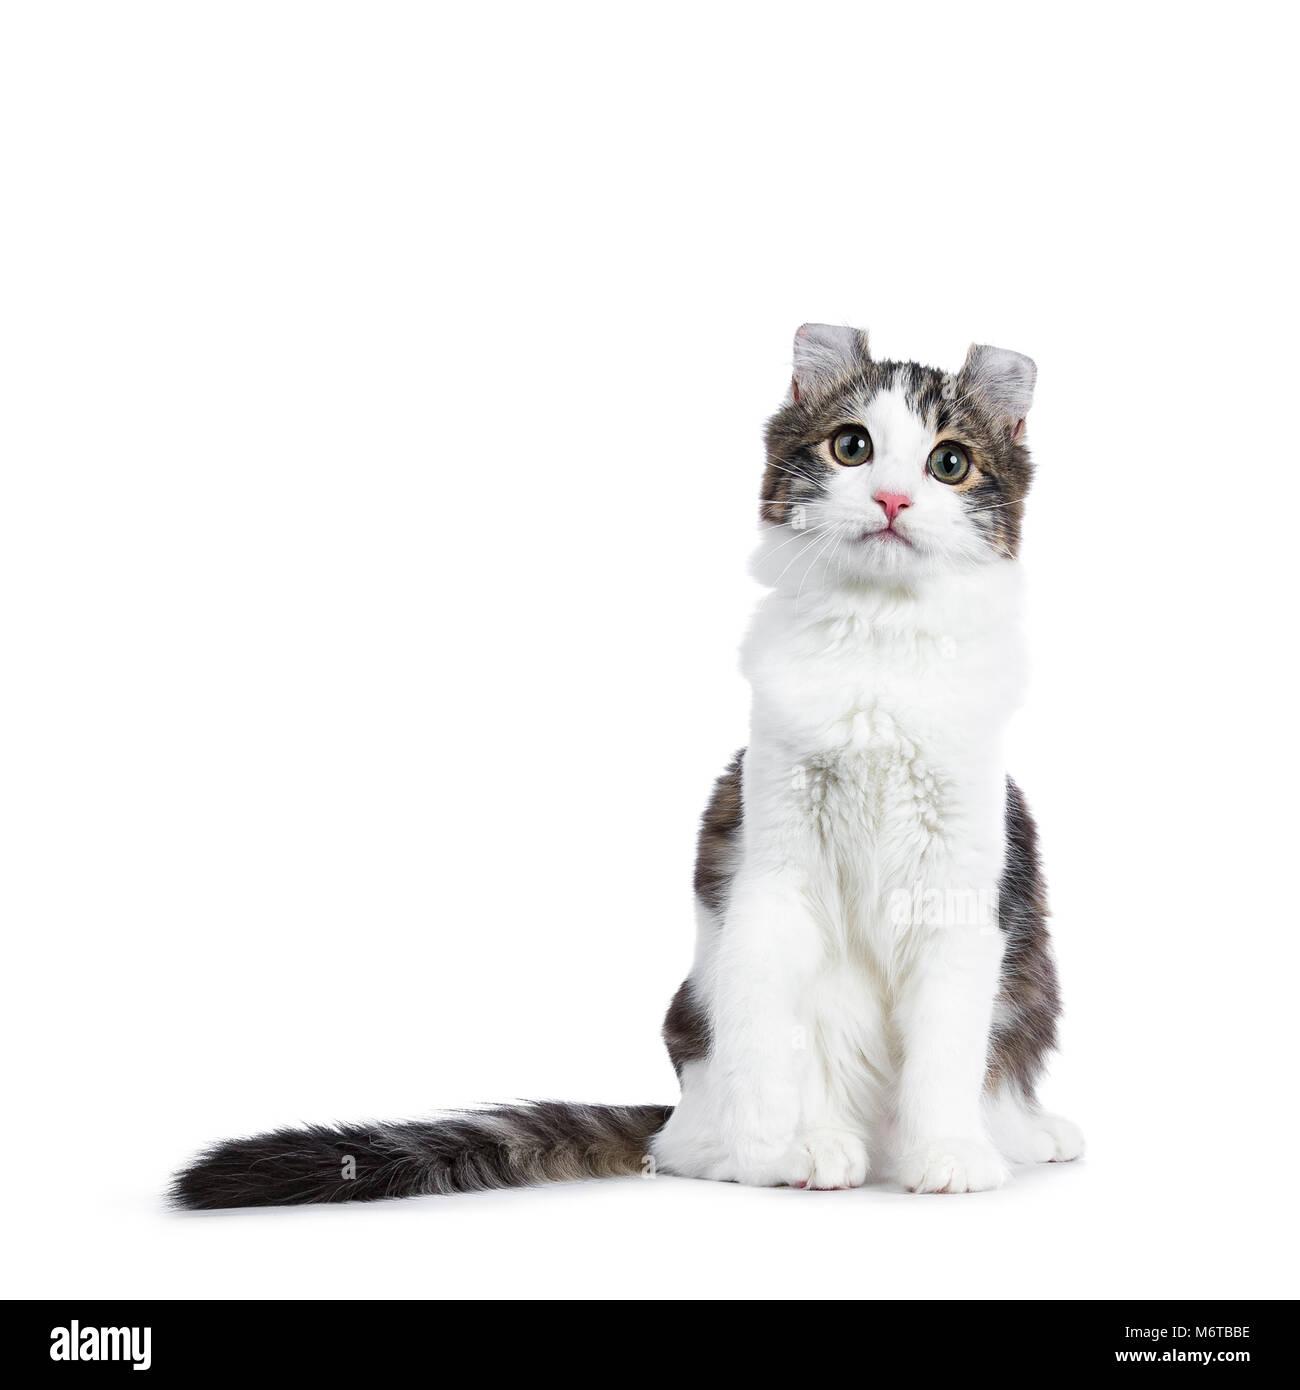 Black tabby con bianco American Curl cat / gattino seduto dritto fino a coda lunga e paw sollevato isolati su sfondo bianco. Foto Stock